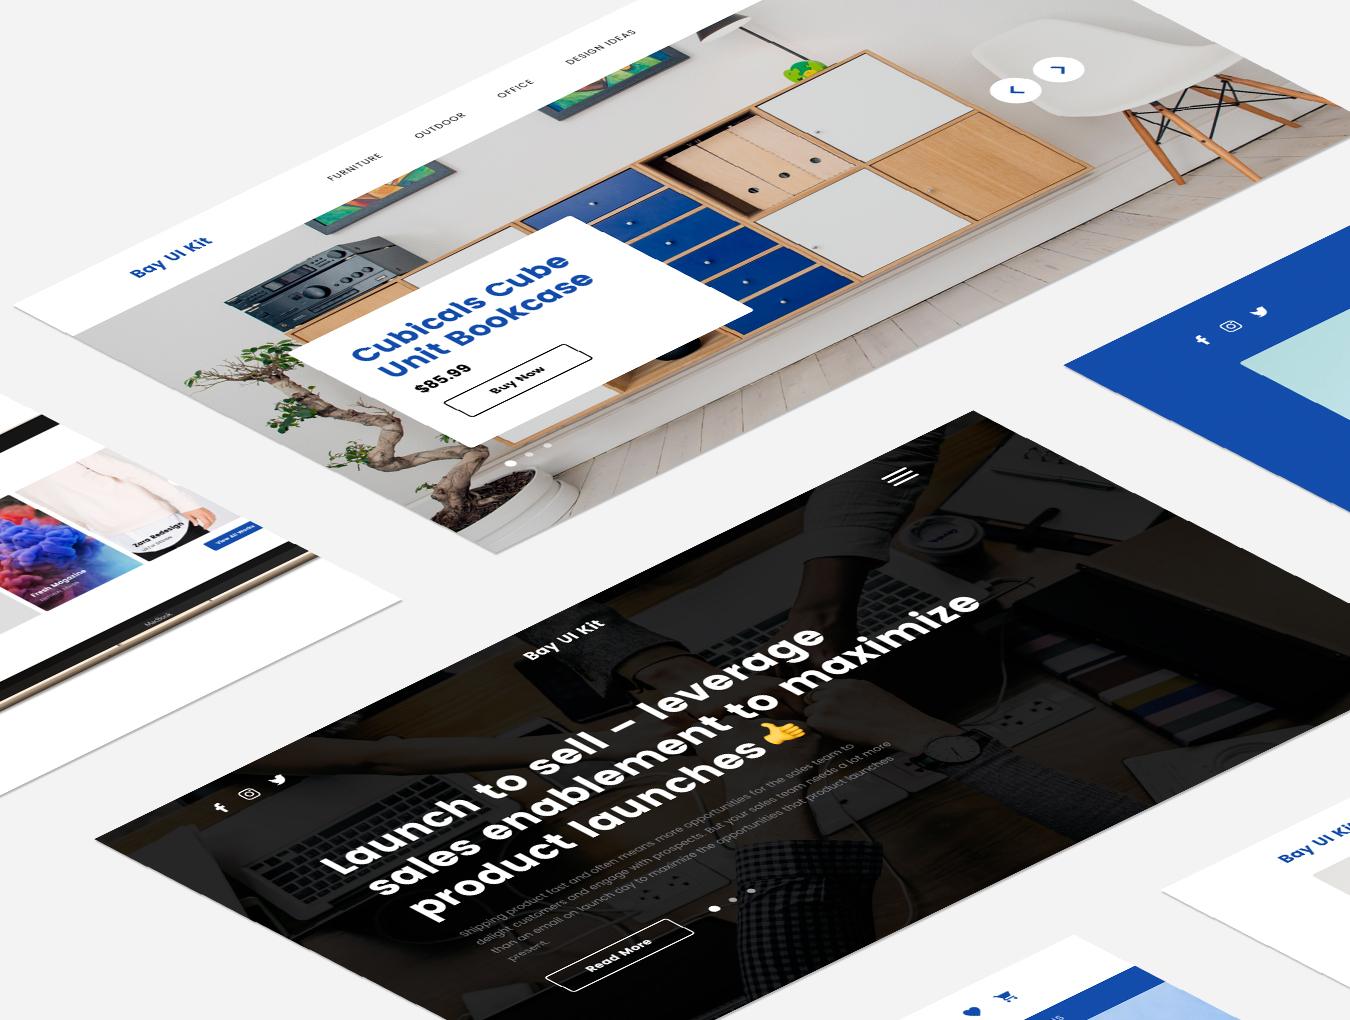 现代简约摄影设计工作室WEB网站UI界面设计模板 Bay UI Kit插图(4)